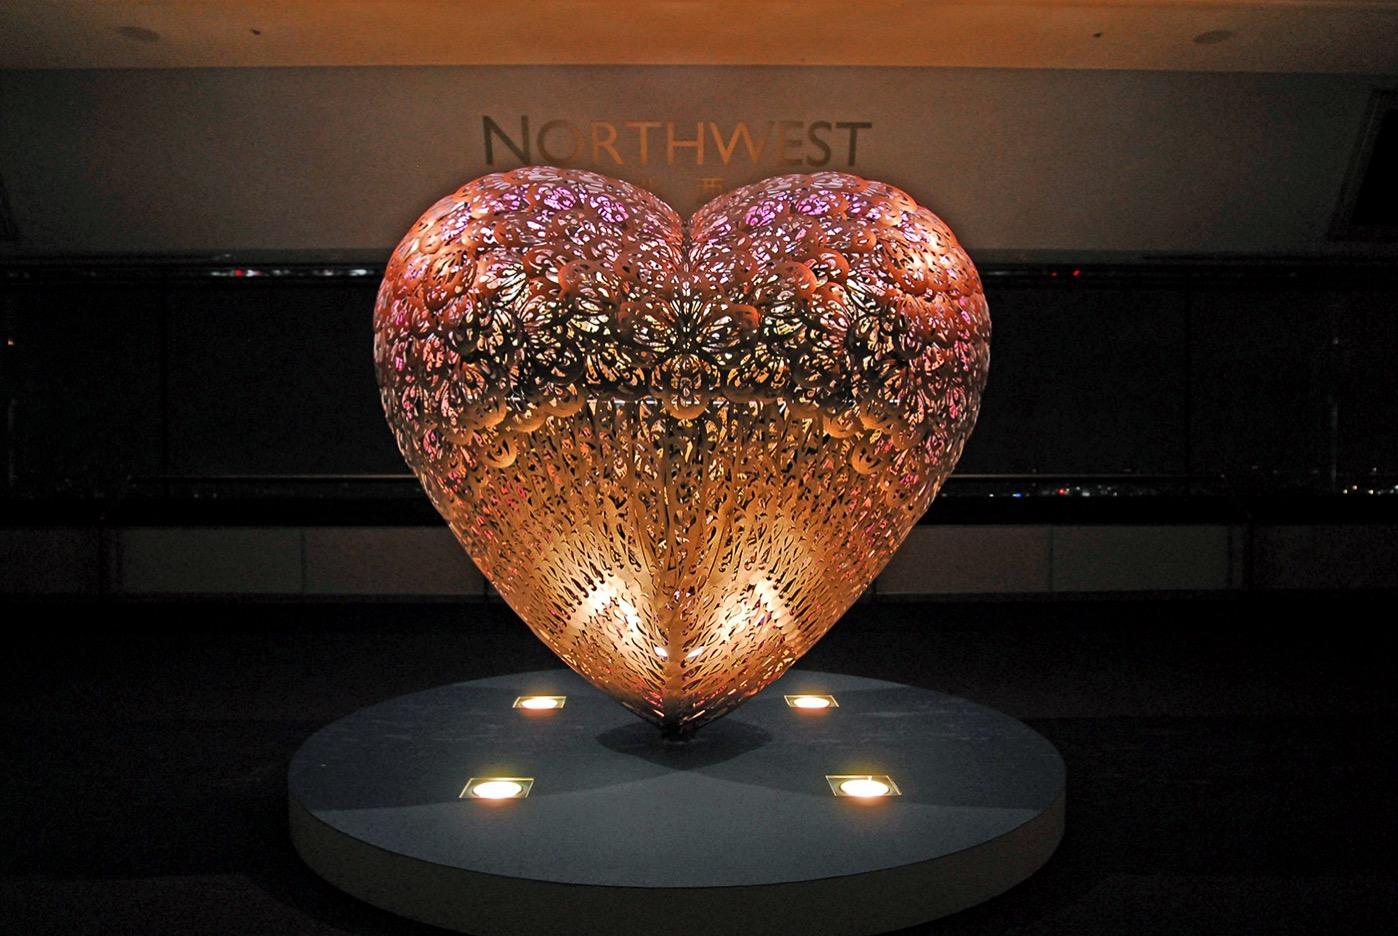 愛のオブジェ「LOVERS」 イメージ